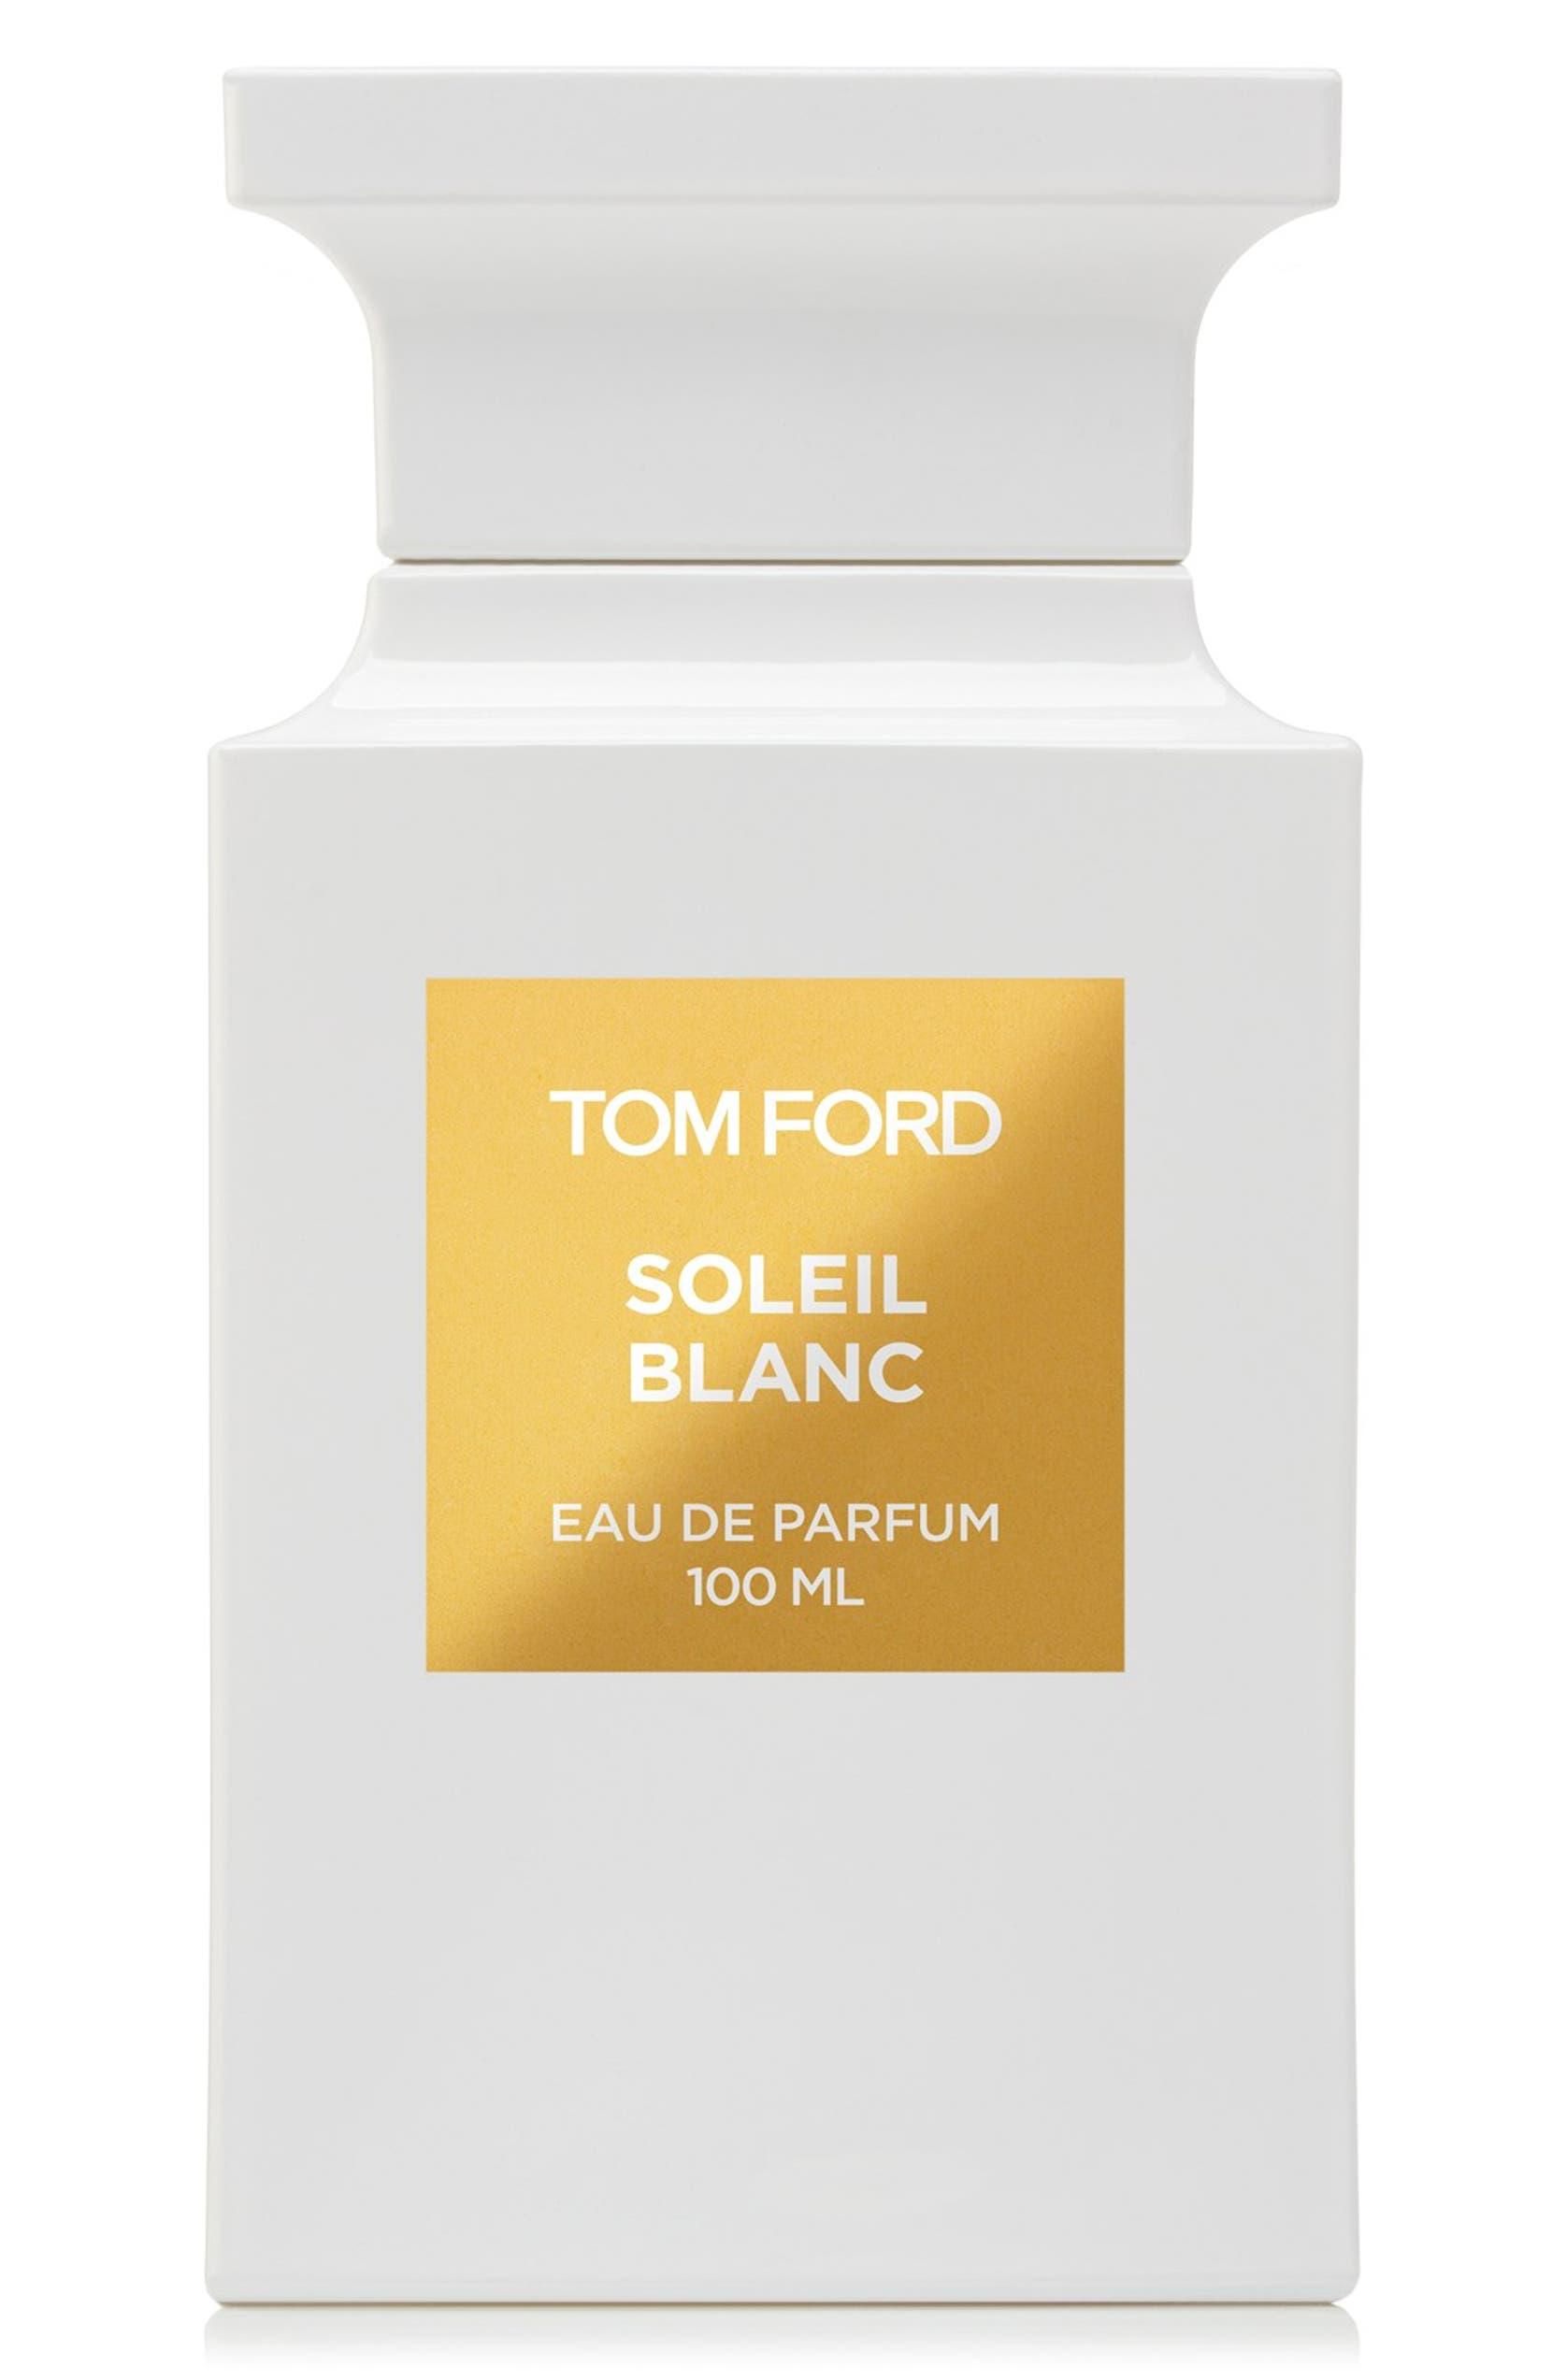 Private Blanc Soleil De Blend Eau Parfum E9DW2IYH